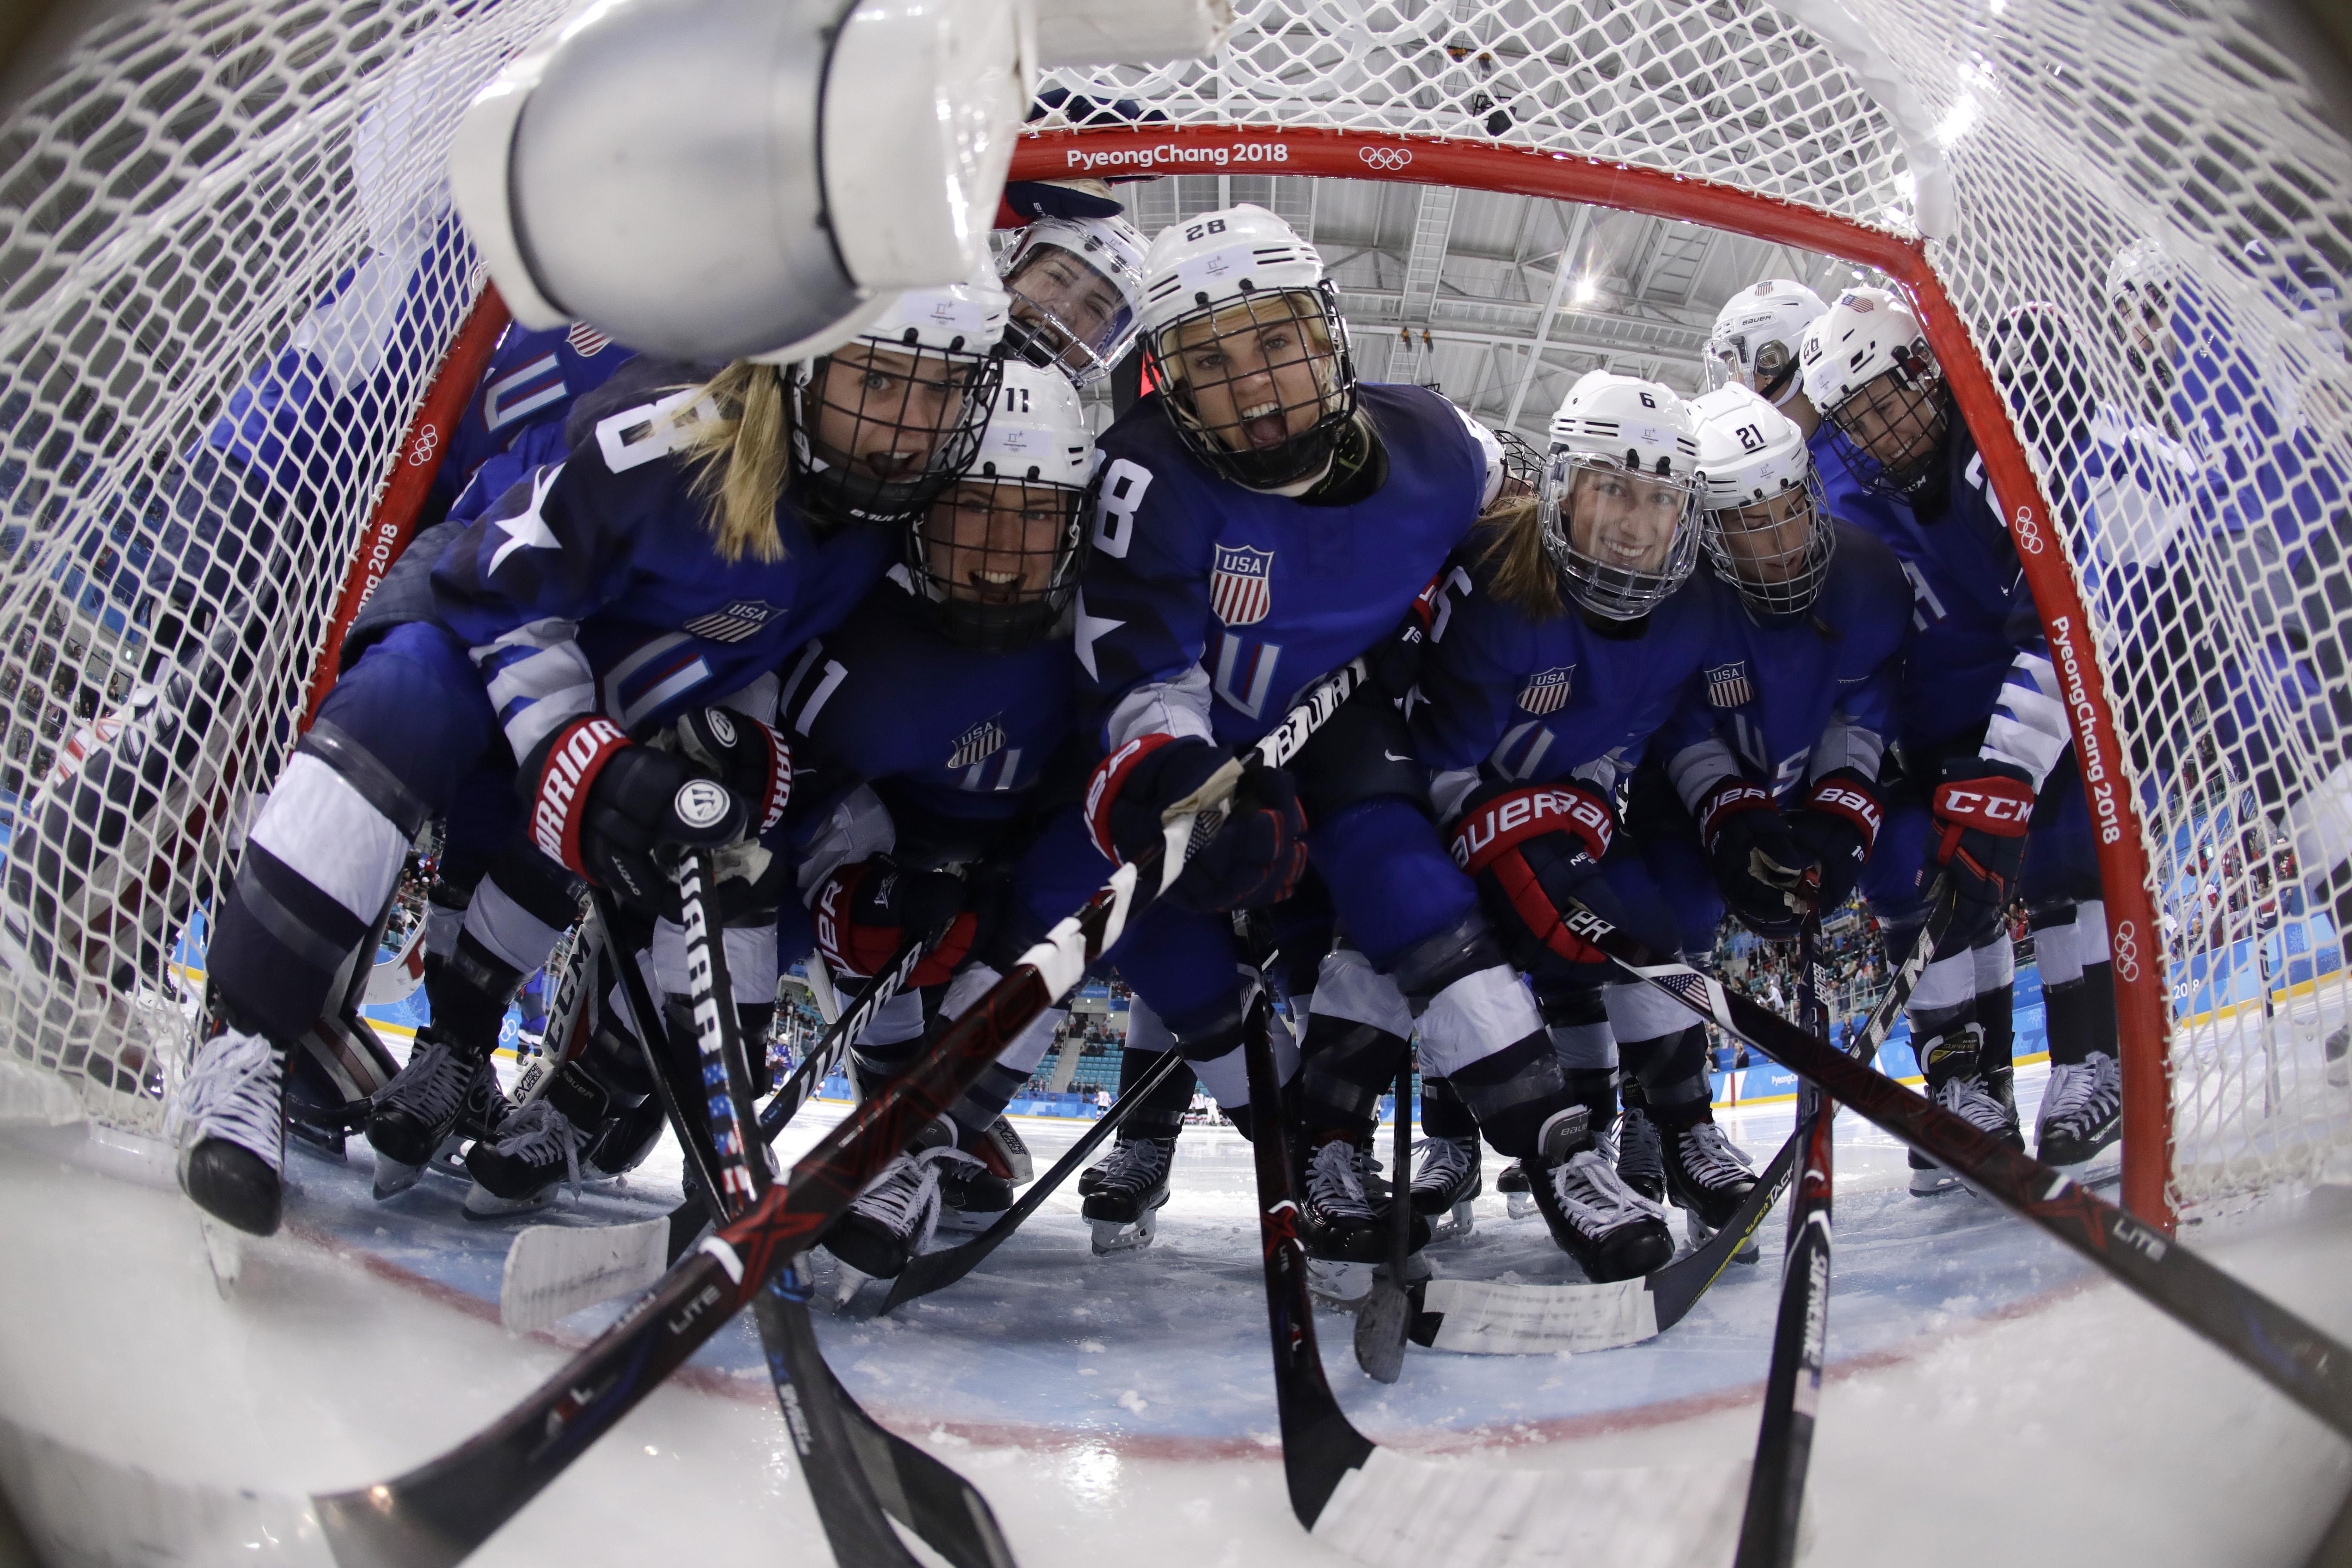 Ice Hoceky - Winter Olympics Day 13